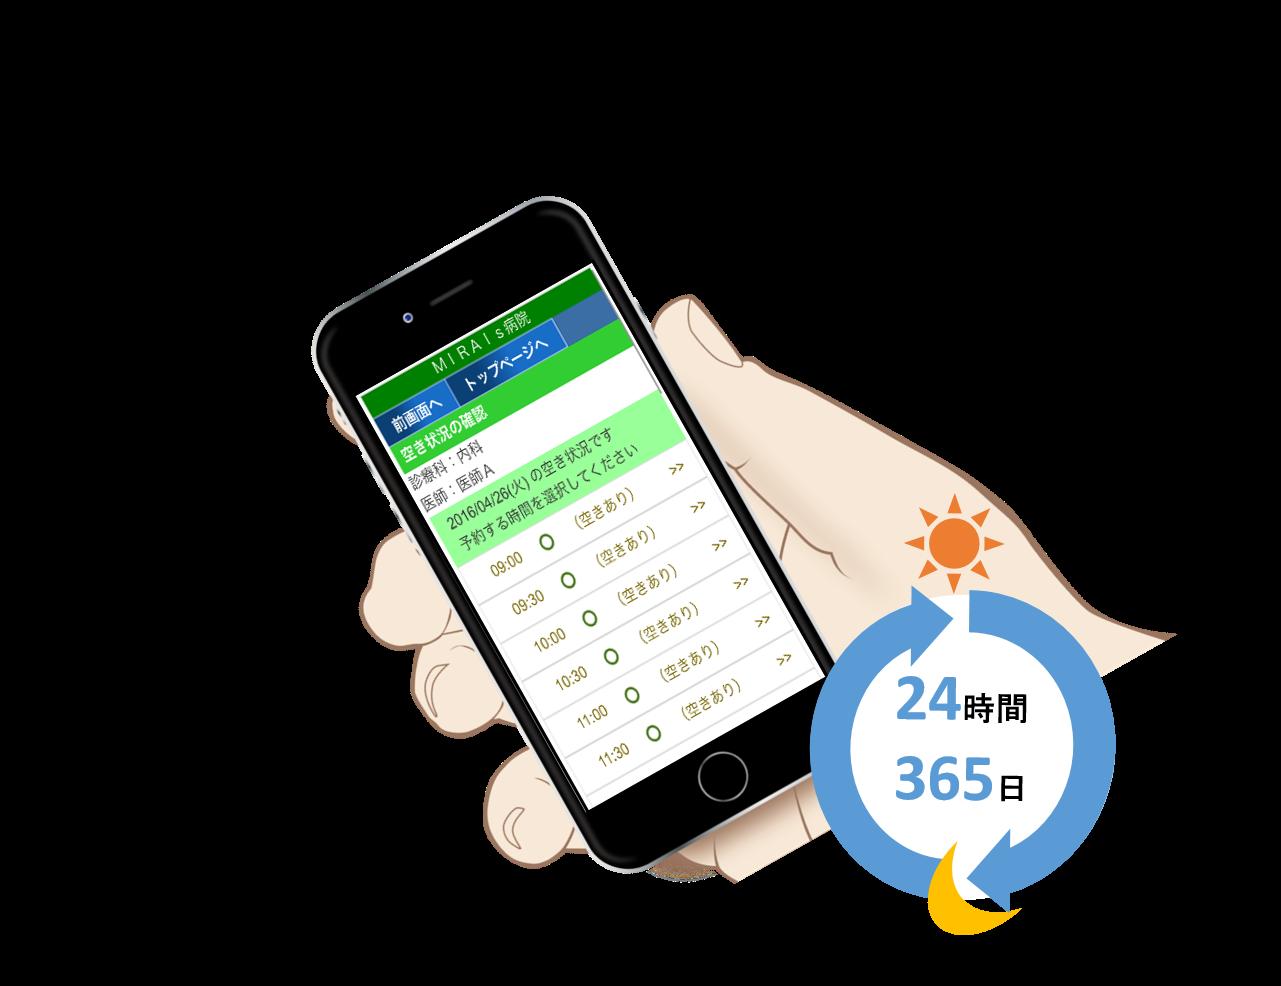 スマートフォンや携帯電話・パソコンから…24時間いつでもどこでも簡単に予約。診療予約だけでなく、予防接種や健診などの予約としても利用可。電話での対応を確実に軽減します。